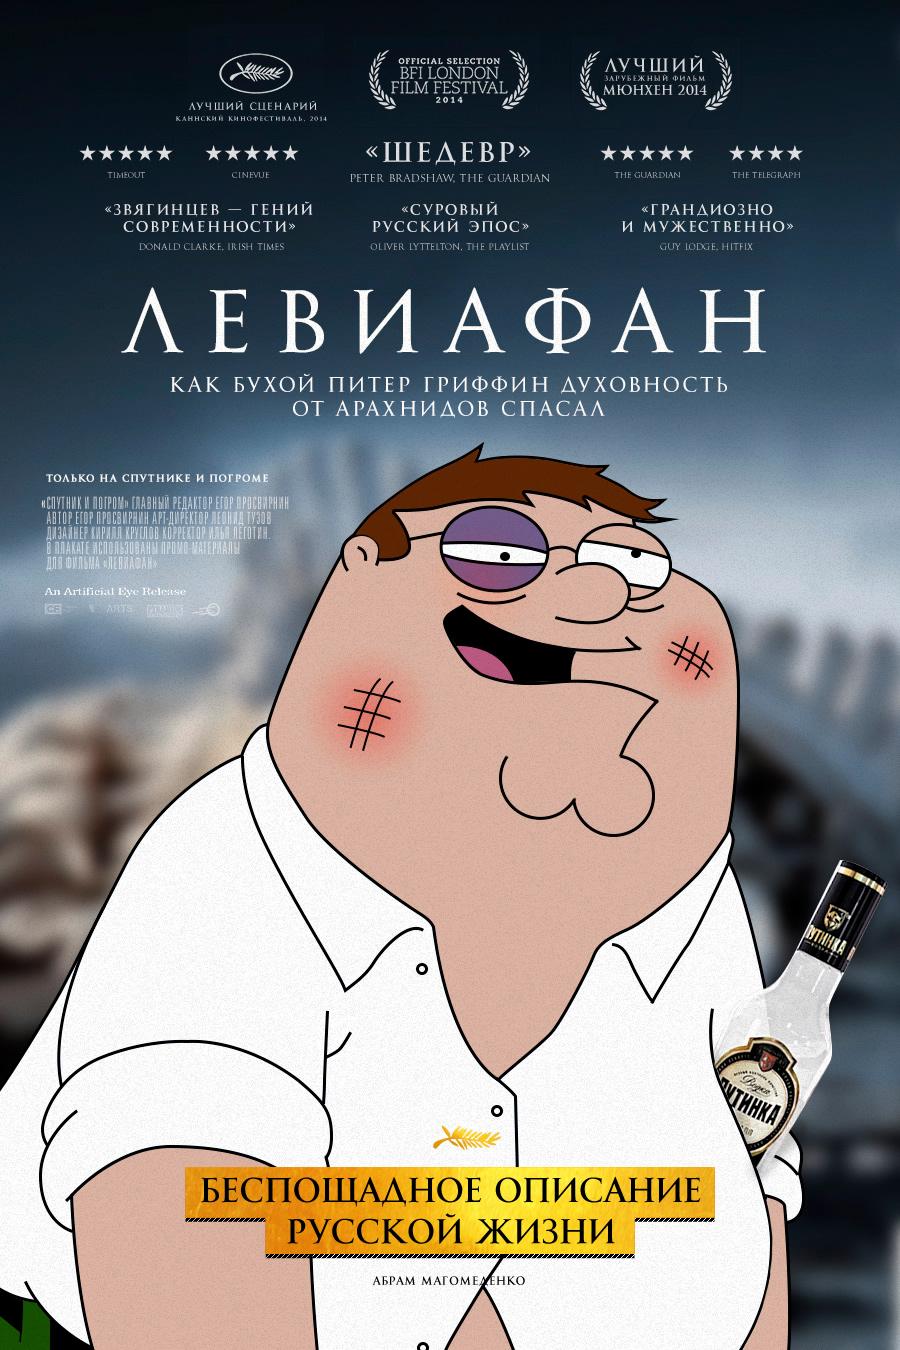 Рецензия на фильм «Левиафан» Кино на Фильм ру - Film ru